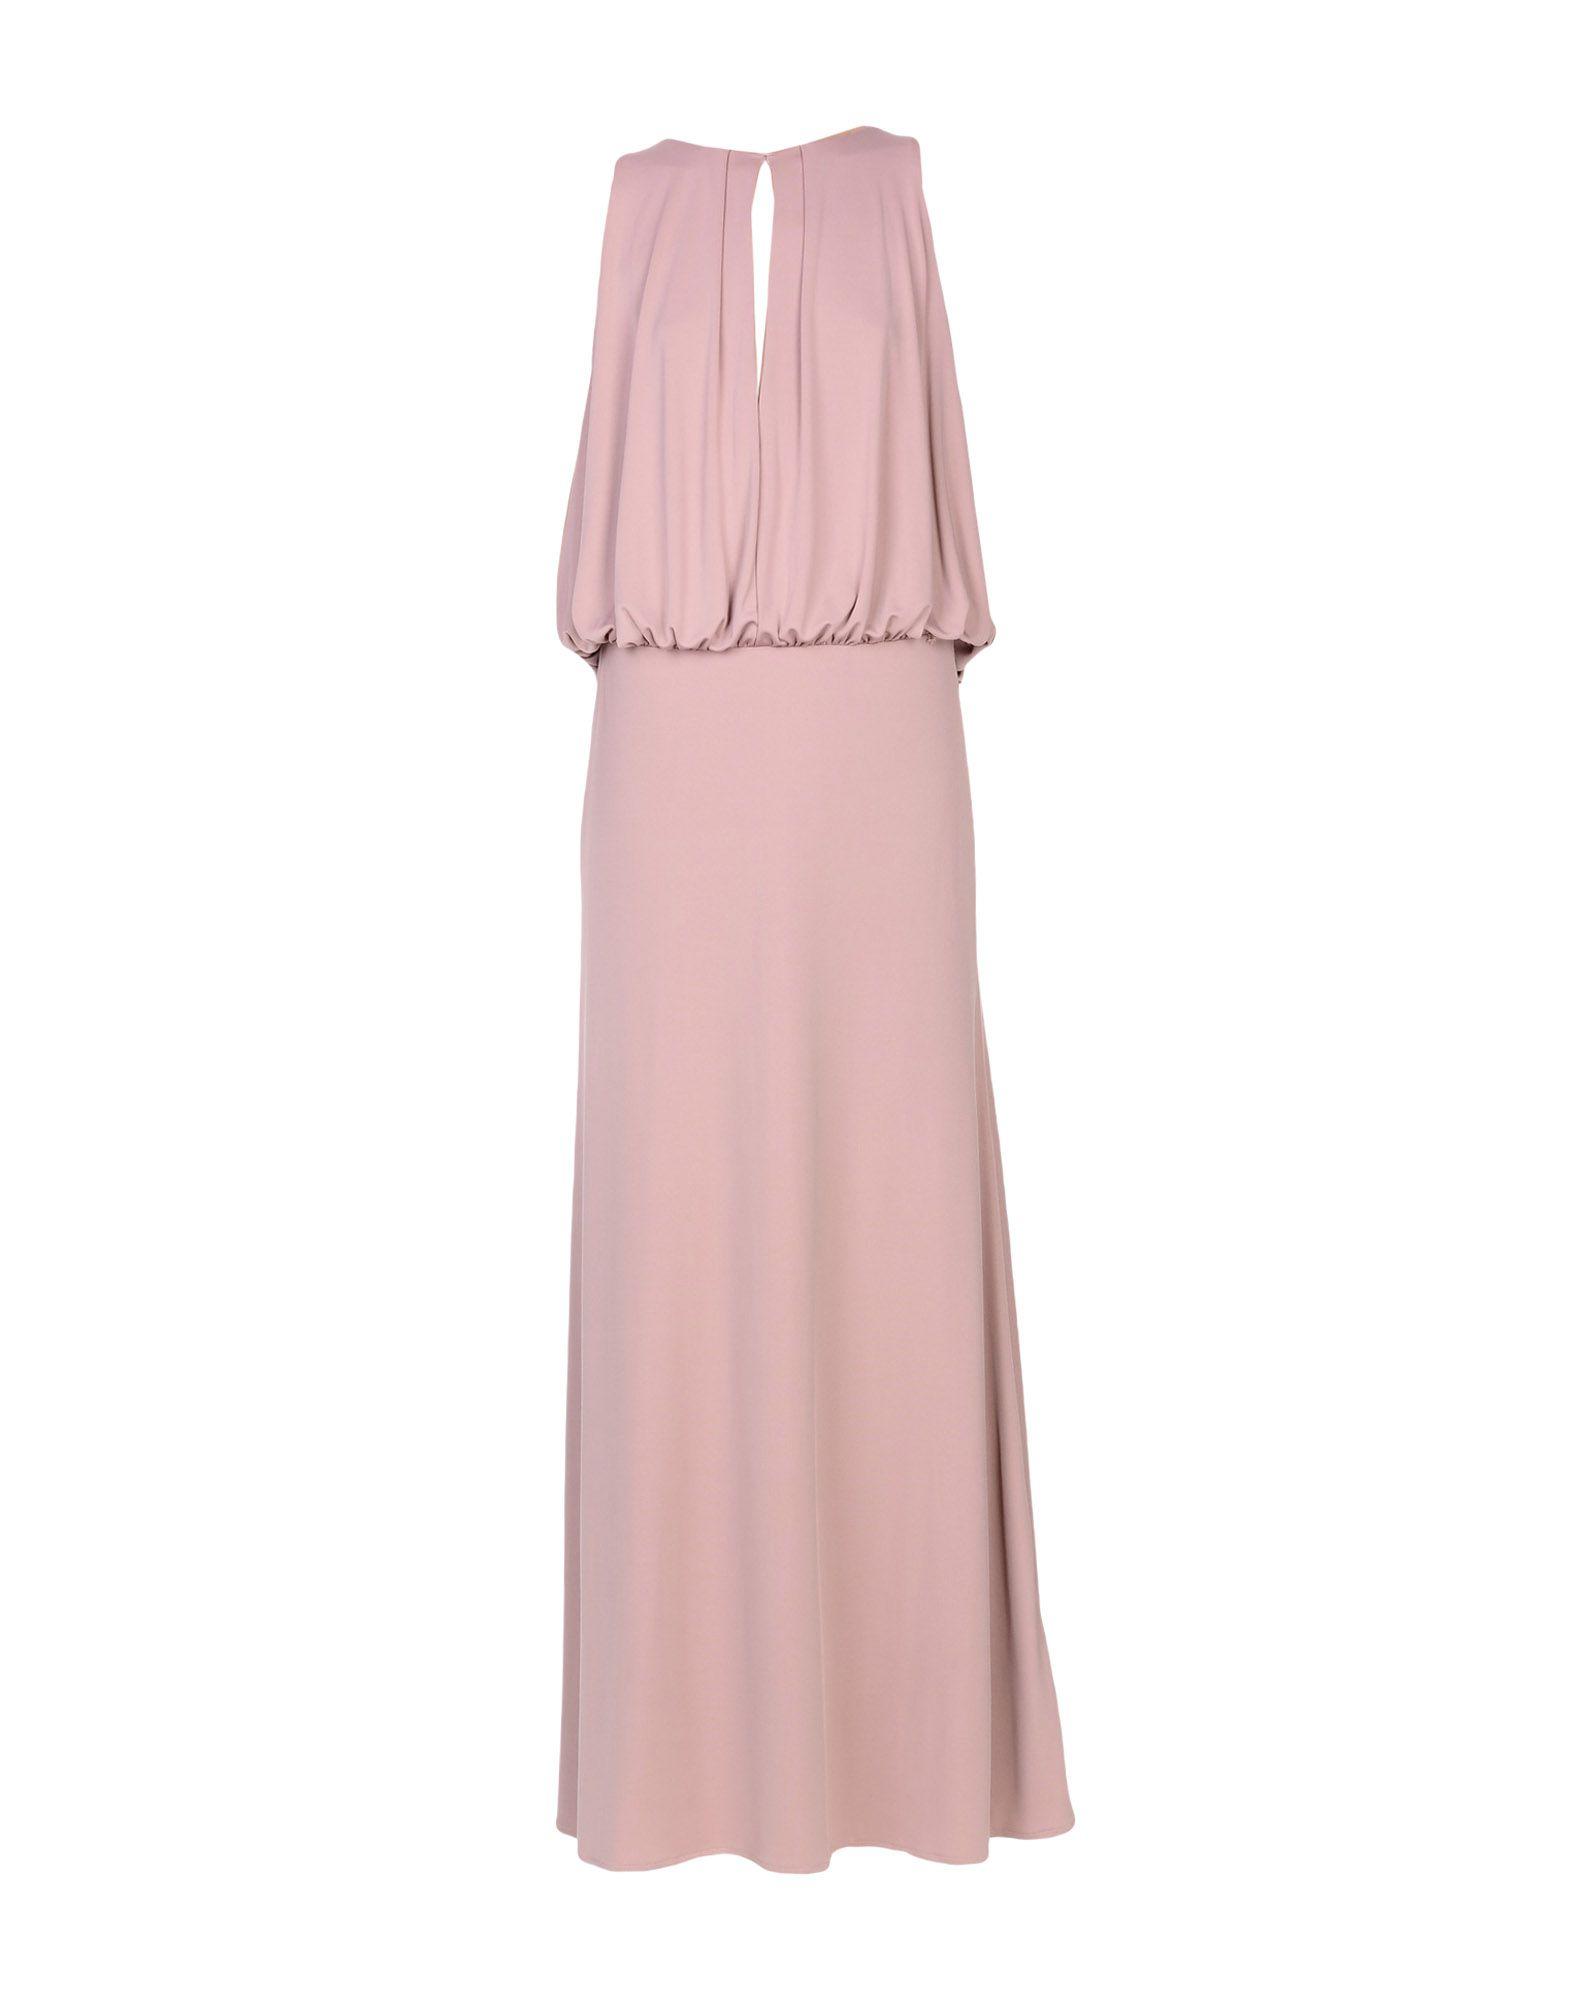 MANGANO Длинное платье платье длинное без рукавов из кружева bina